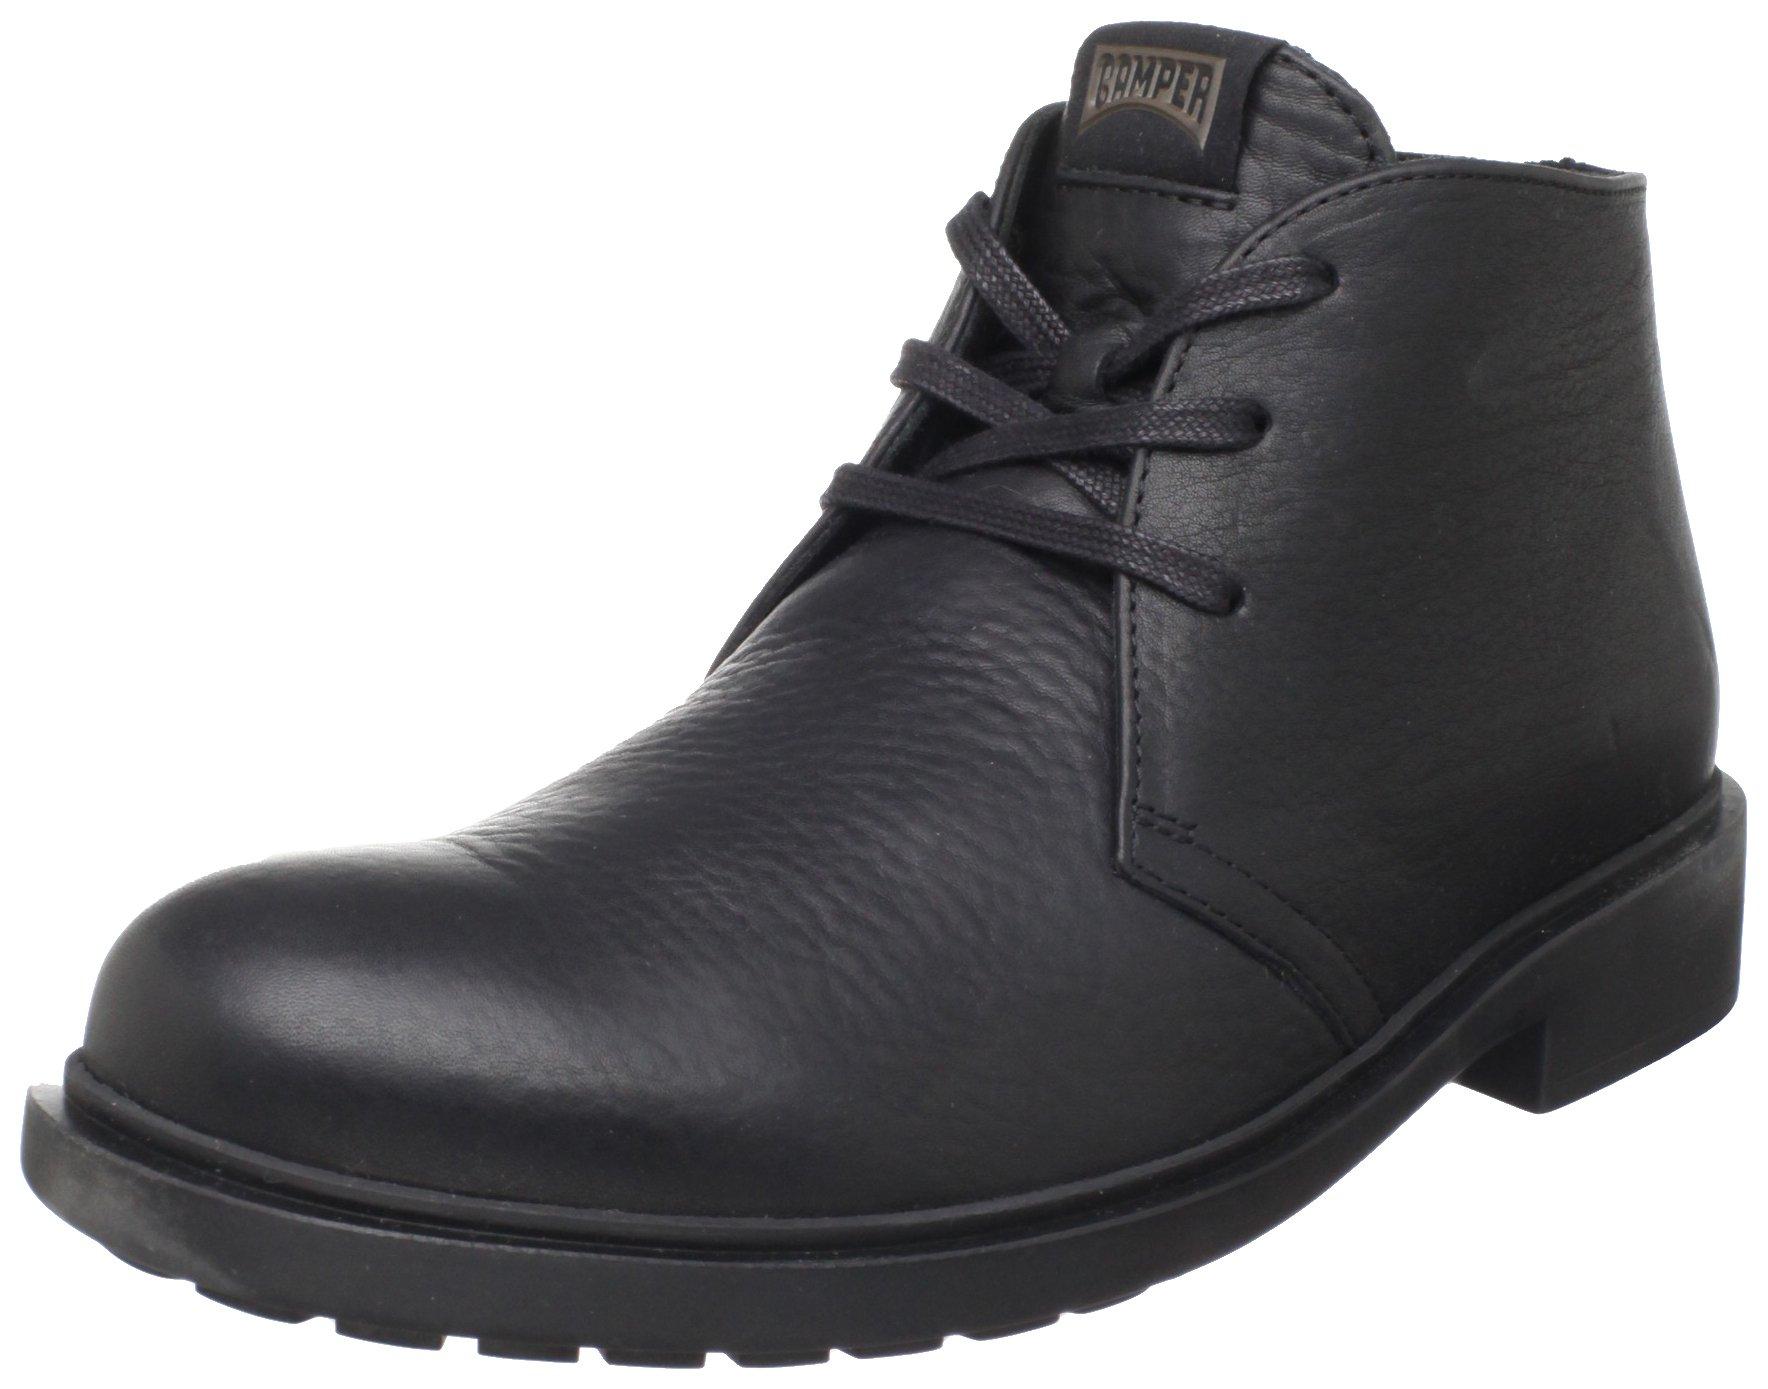 Camper Men's 36426-012 Lace-Up Boot, Negro,46 EU/13 M US